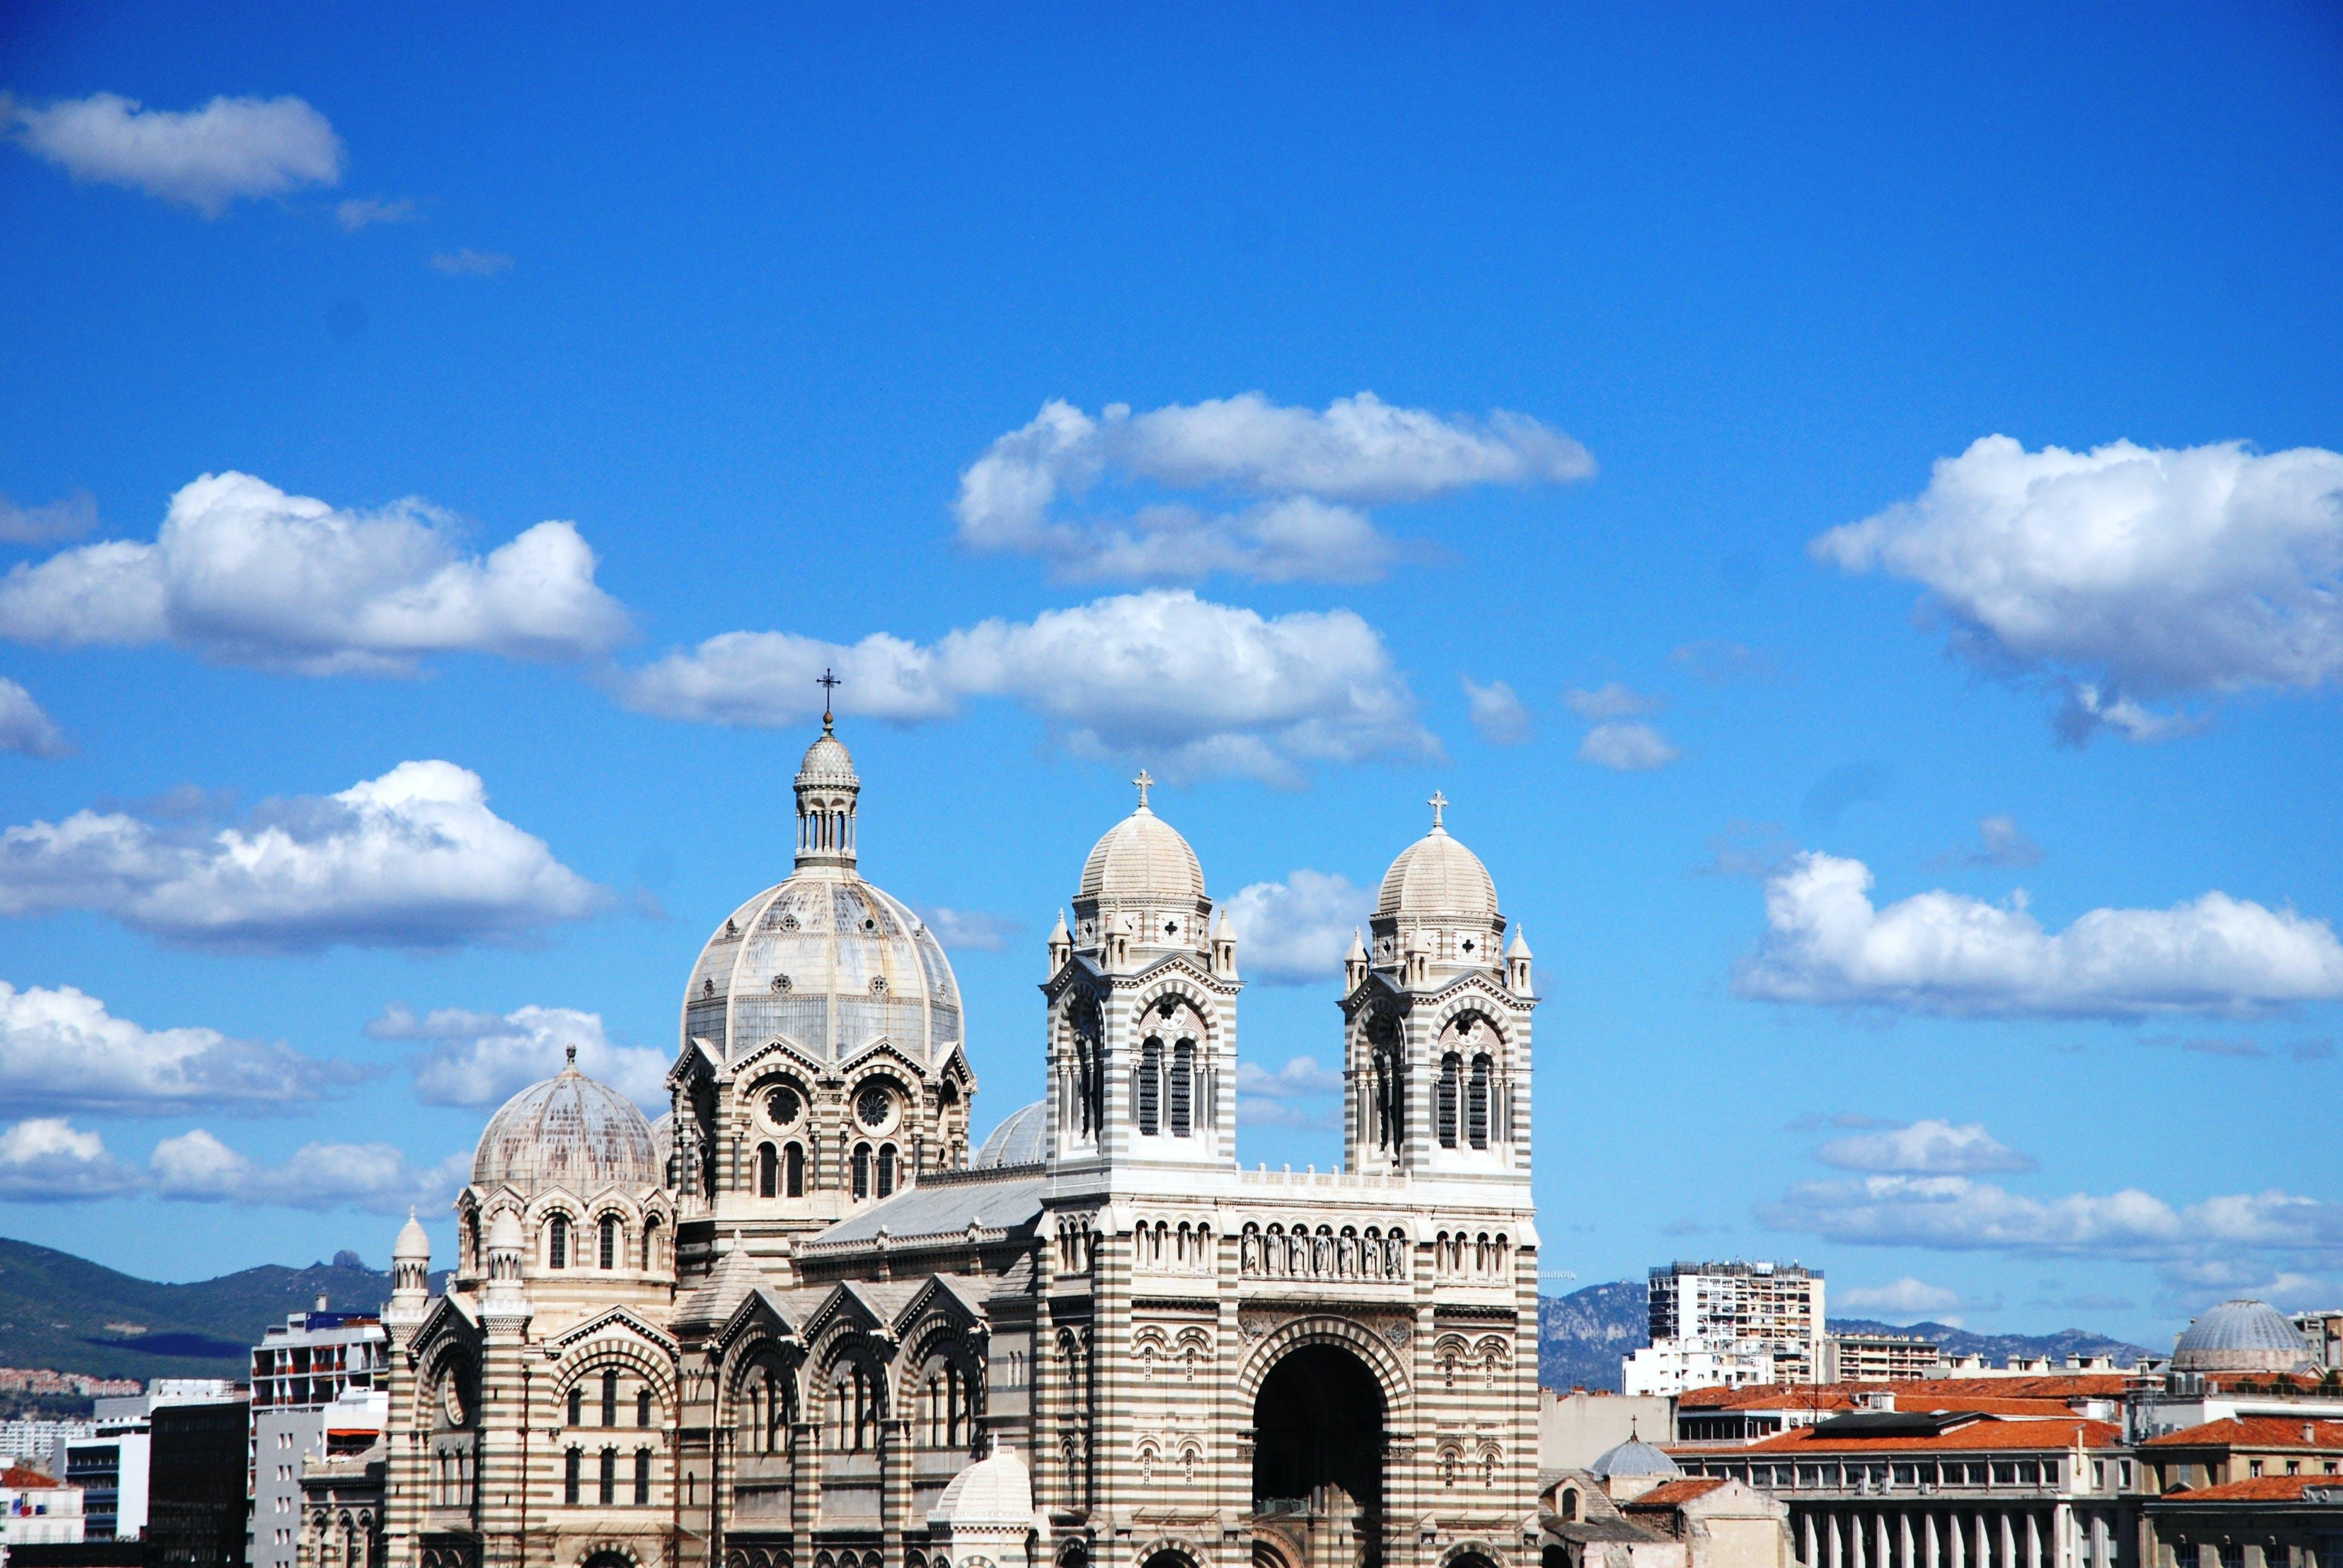 Tickets, museos, atracciones,Entradas a atracciones principales,Excursión a Cassis,Tour por Marsella